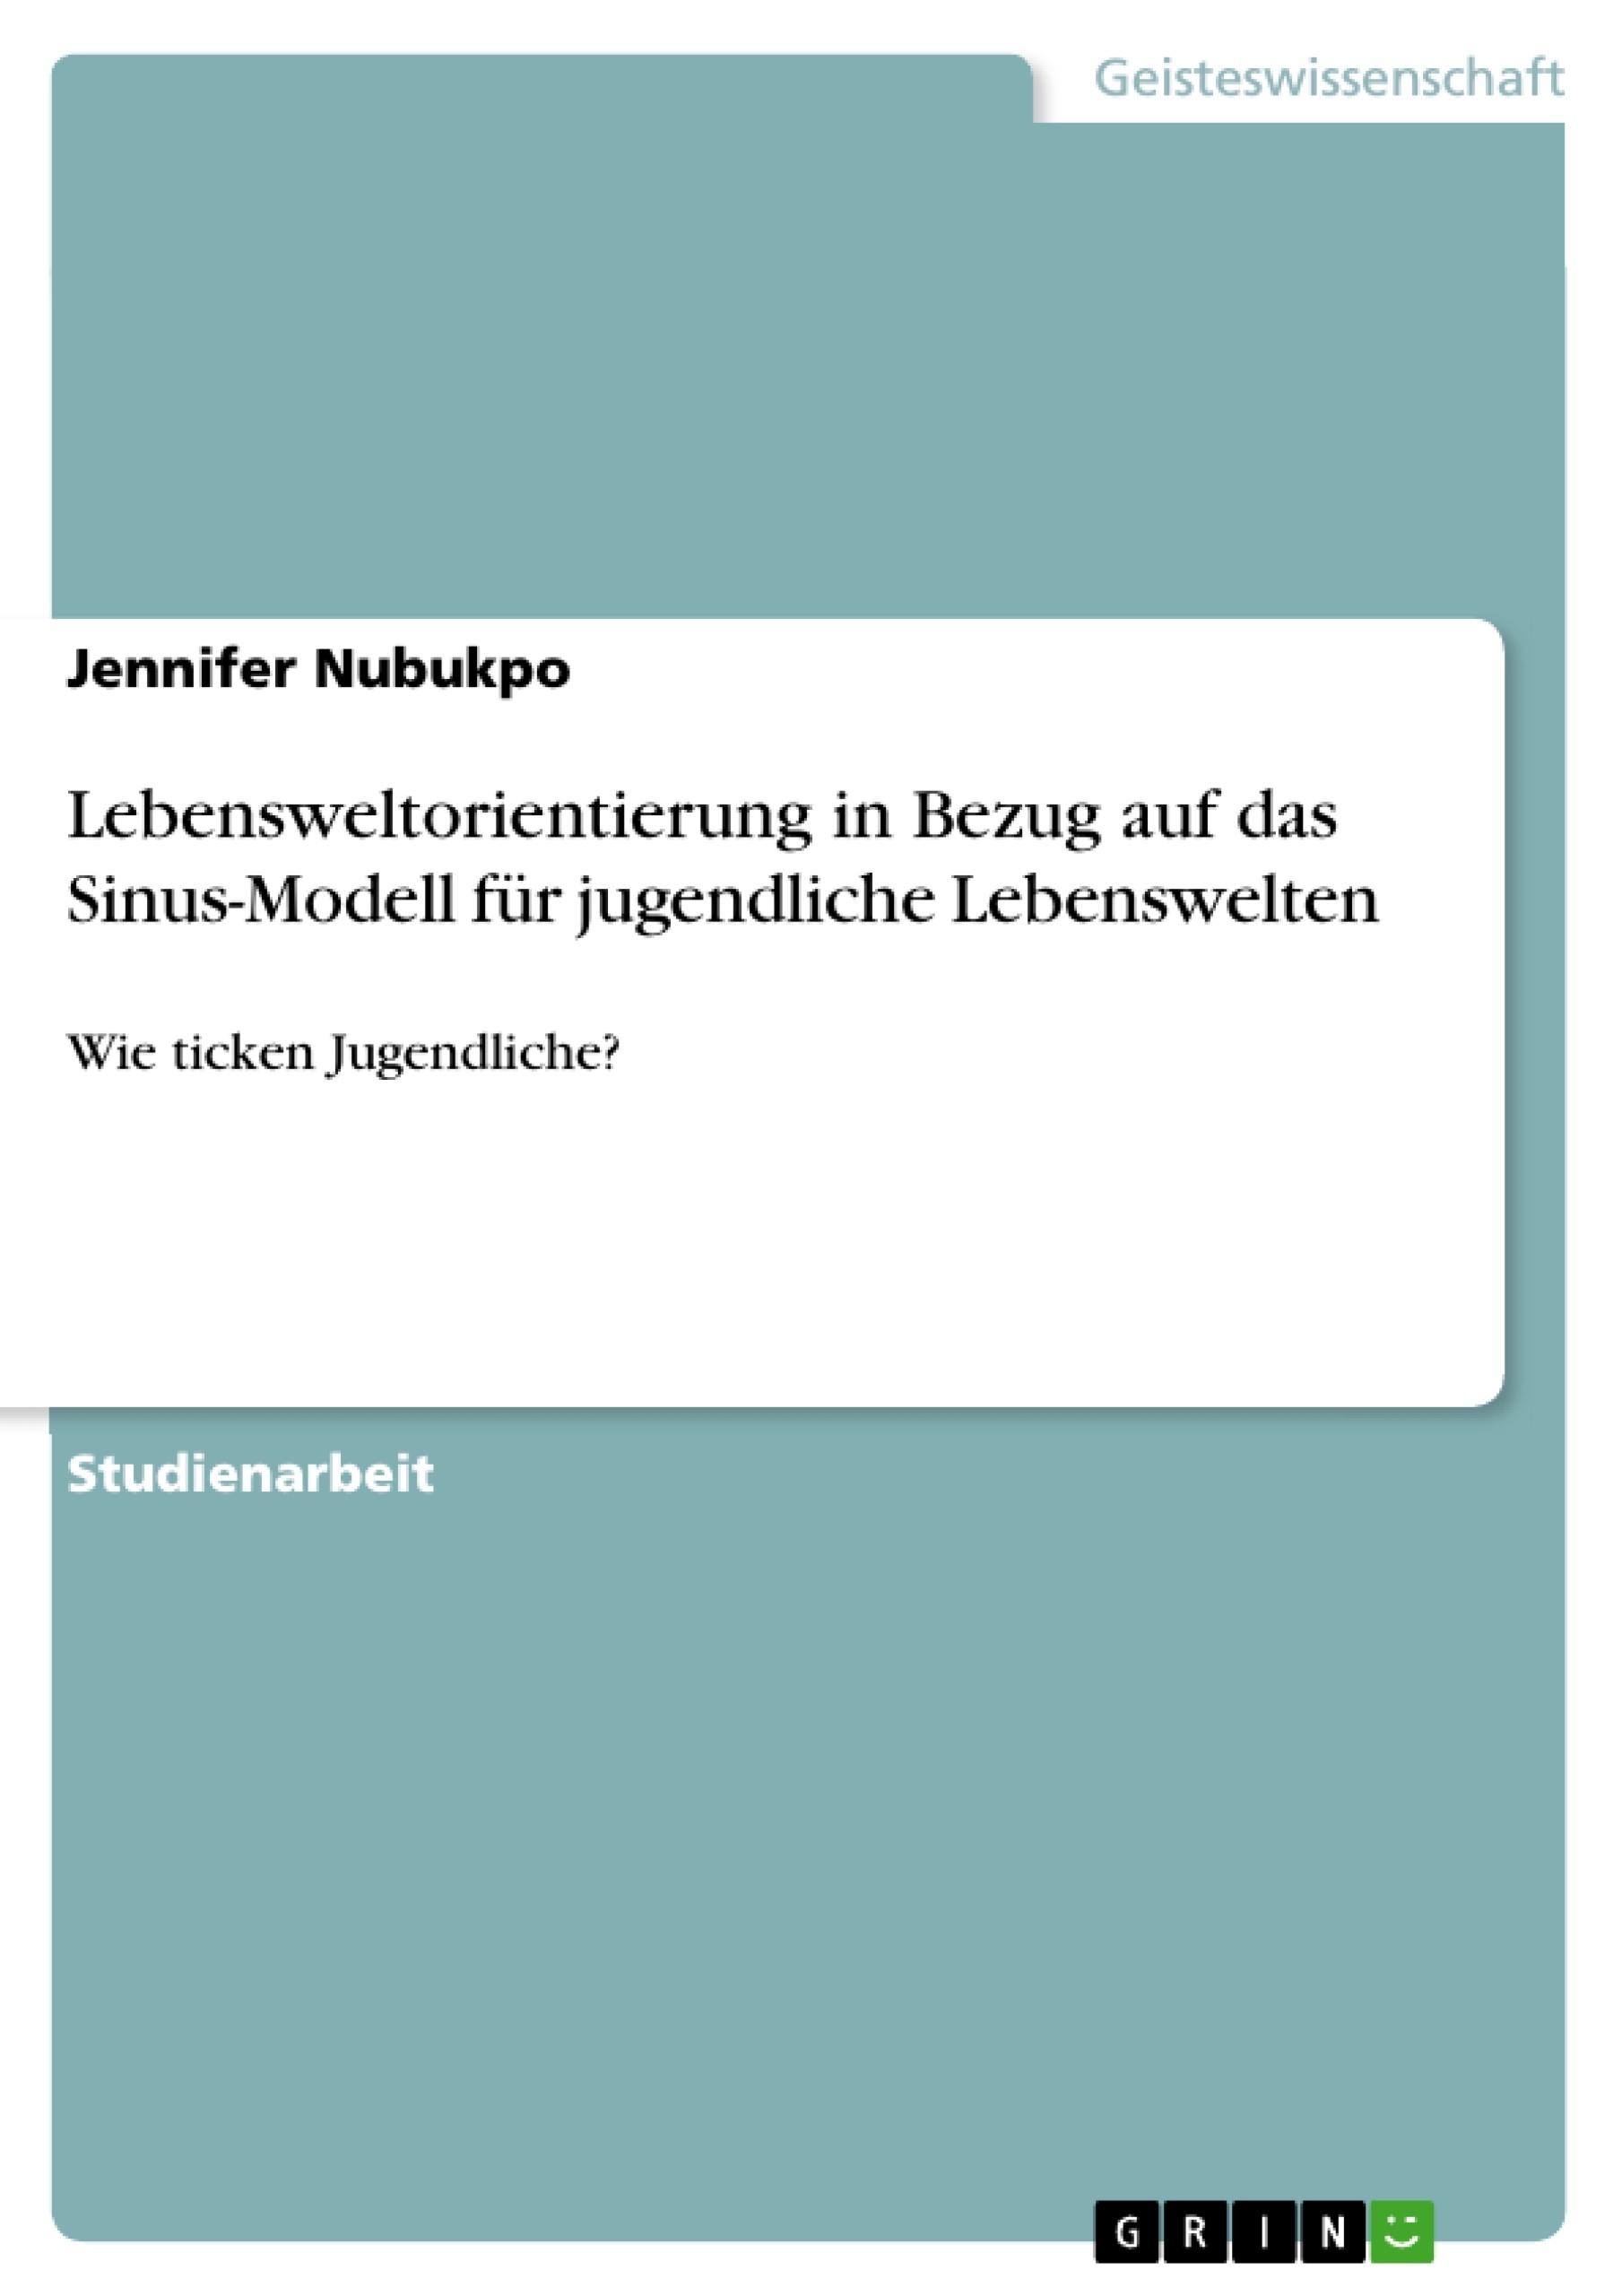 Titel: Lebensweltorientierung in Bezug auf das Sinus-Modell für jugendliche Lebenswelten